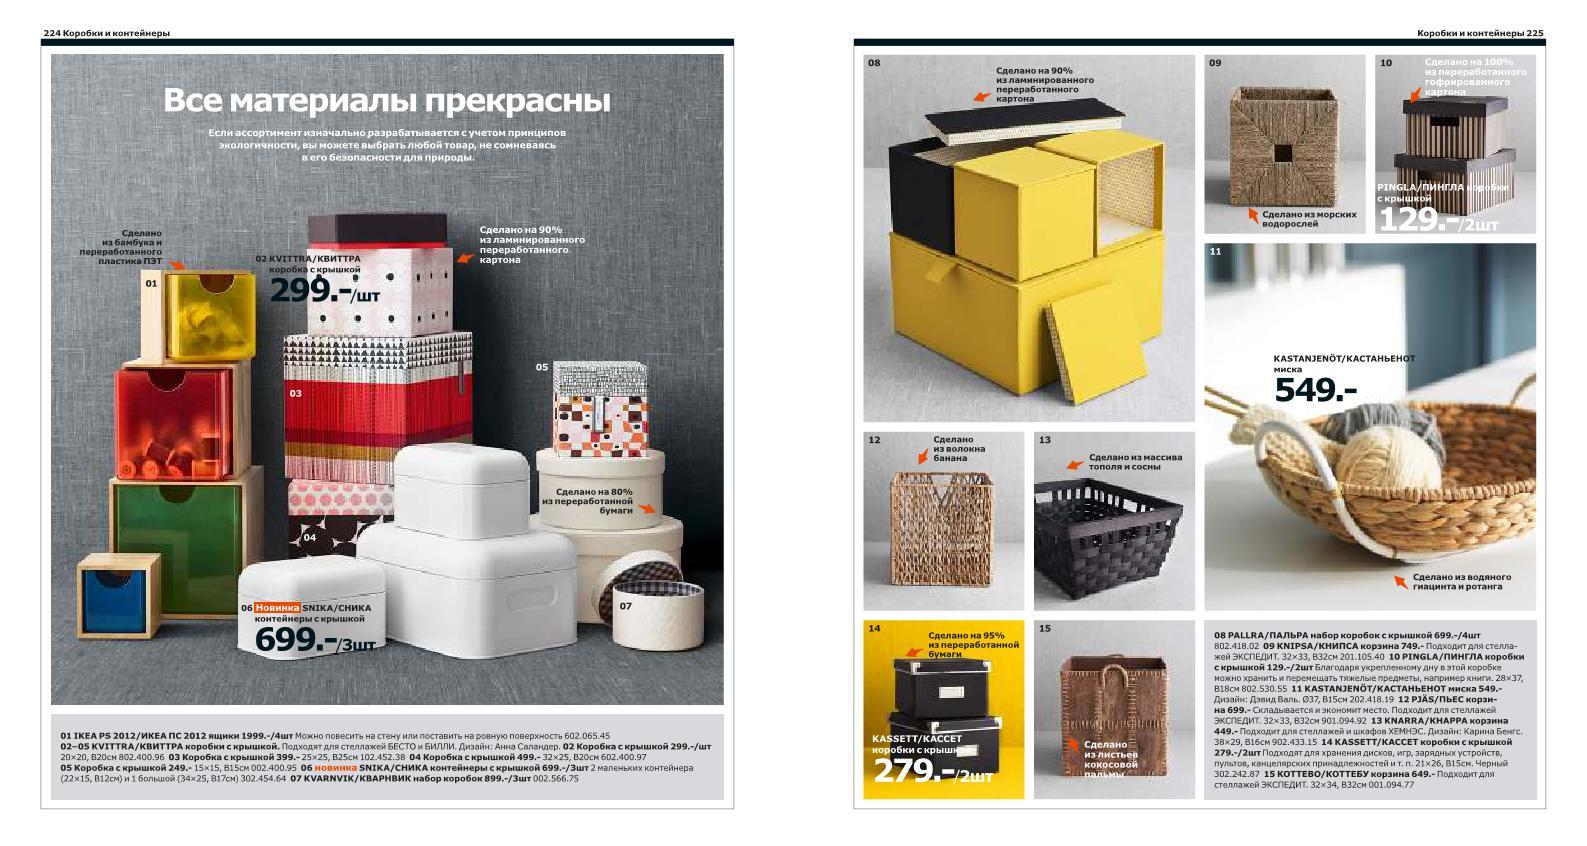 Обзор каталога IKEA 2014